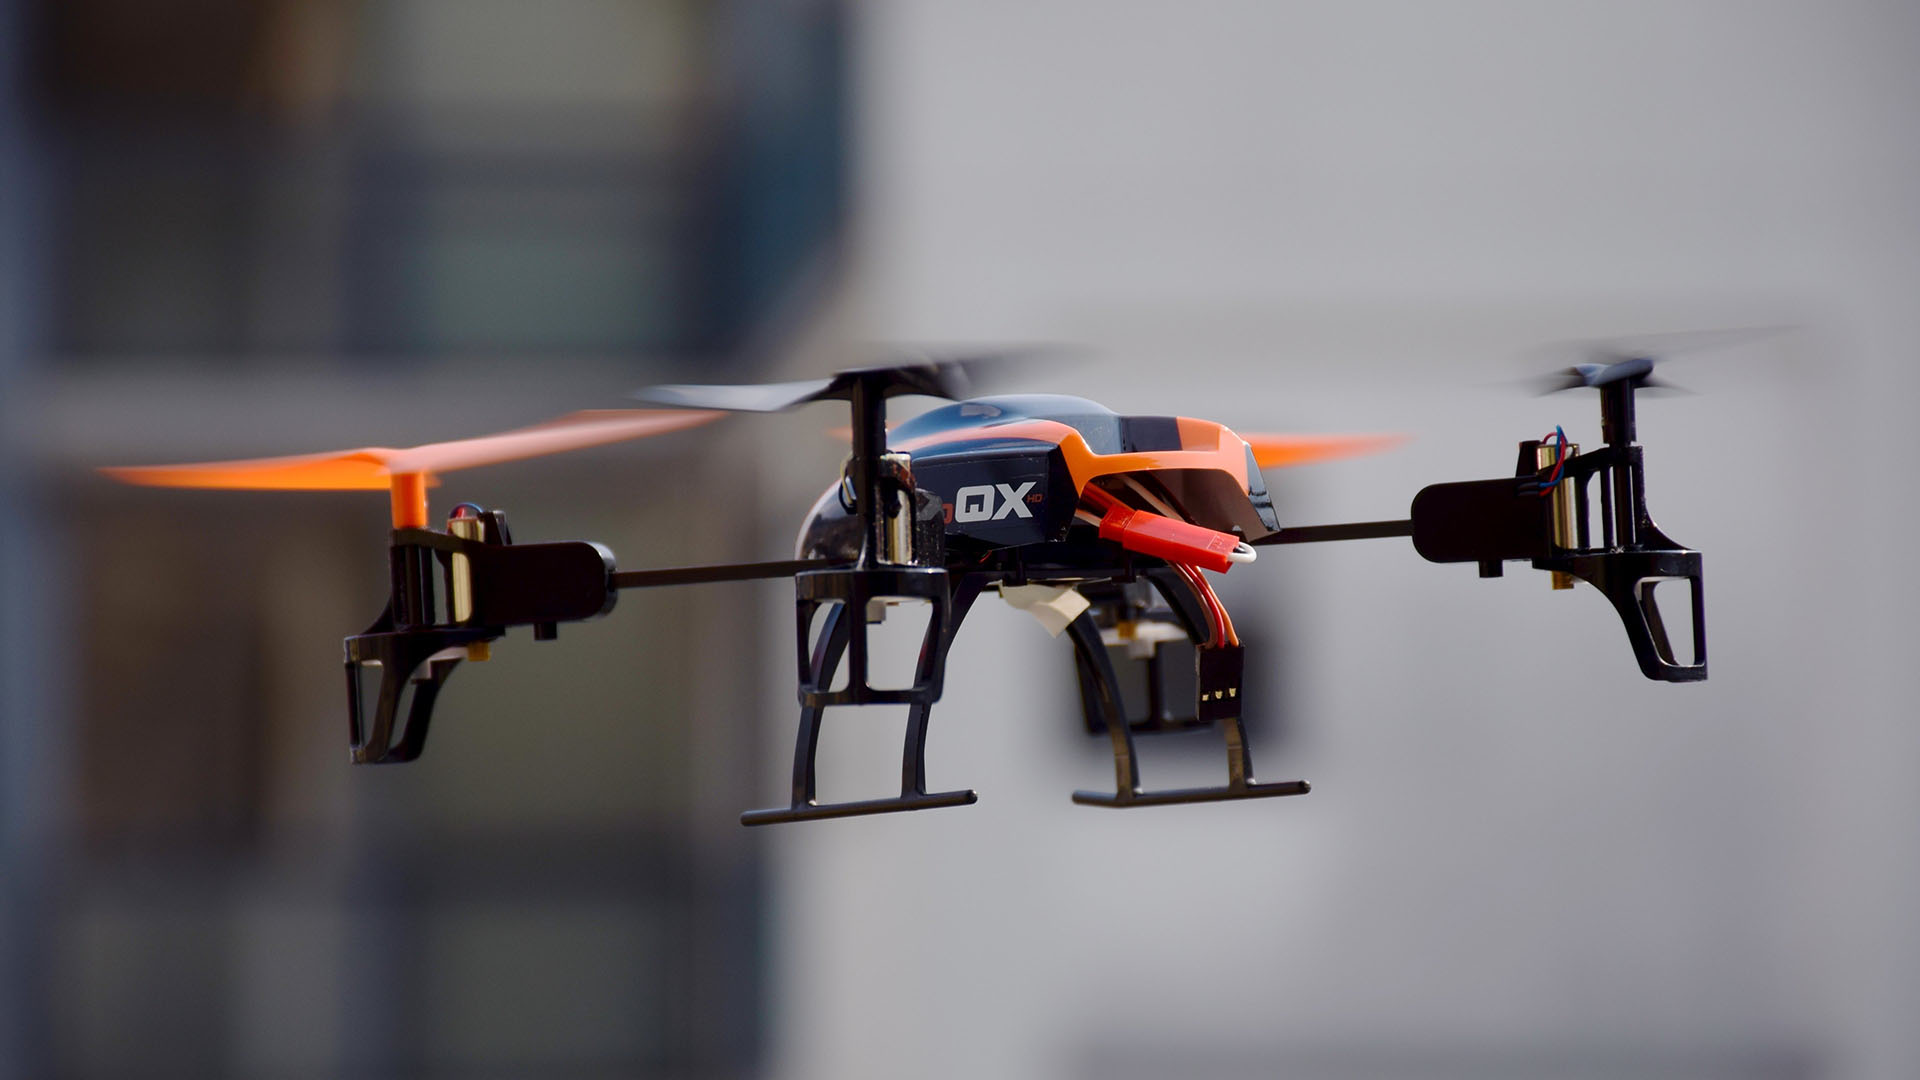 Régulation des drones : déclaration, transpondeur, bridage, signal sonore…